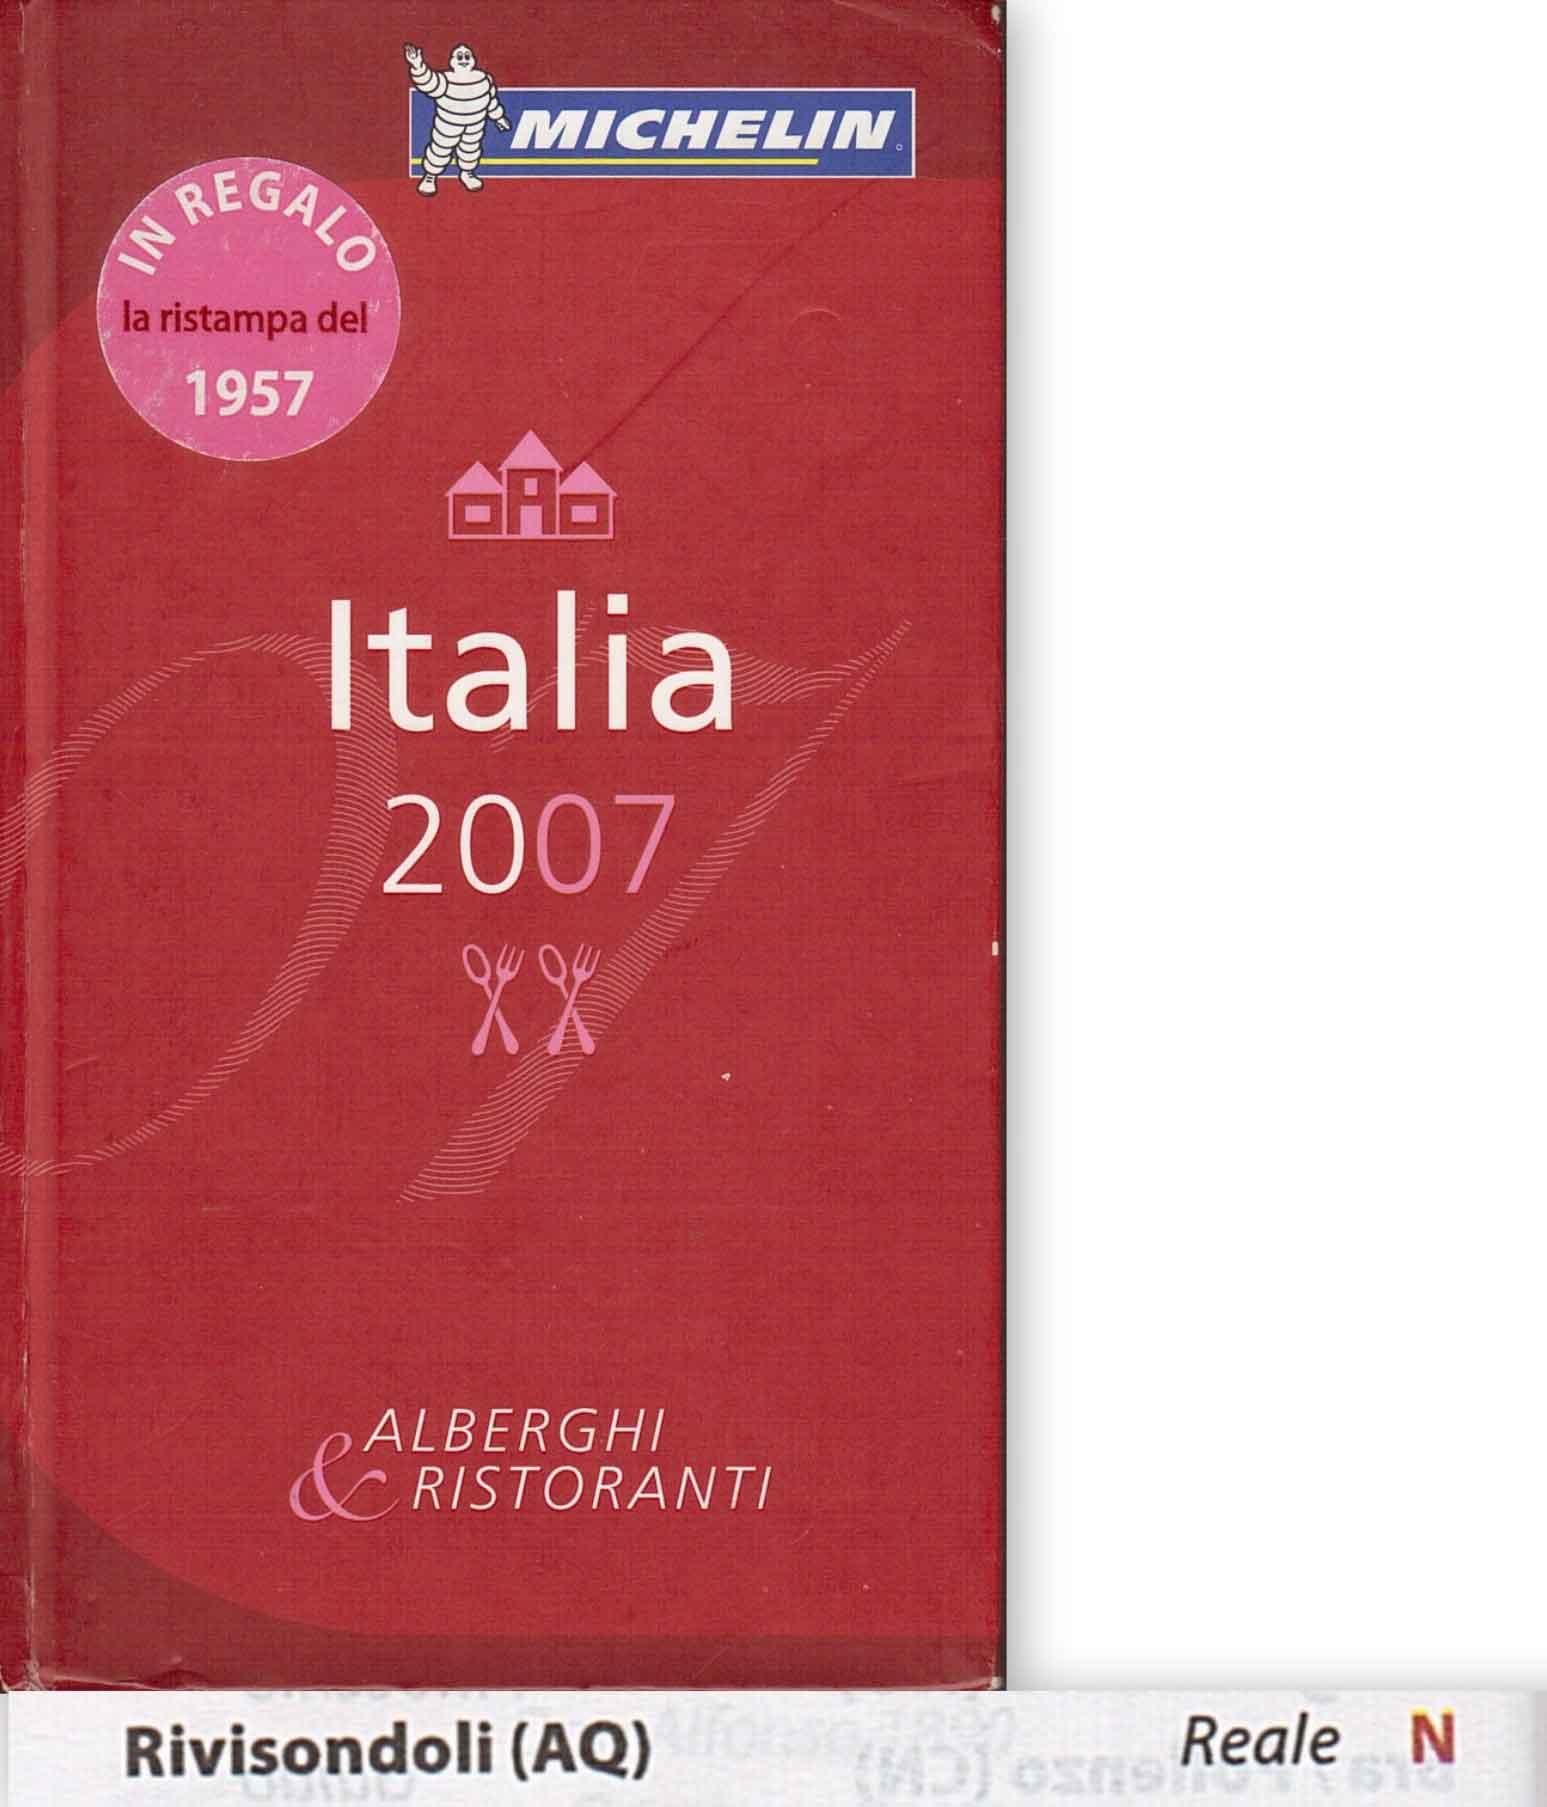 niko-romito-prima-stella-michelin-2007